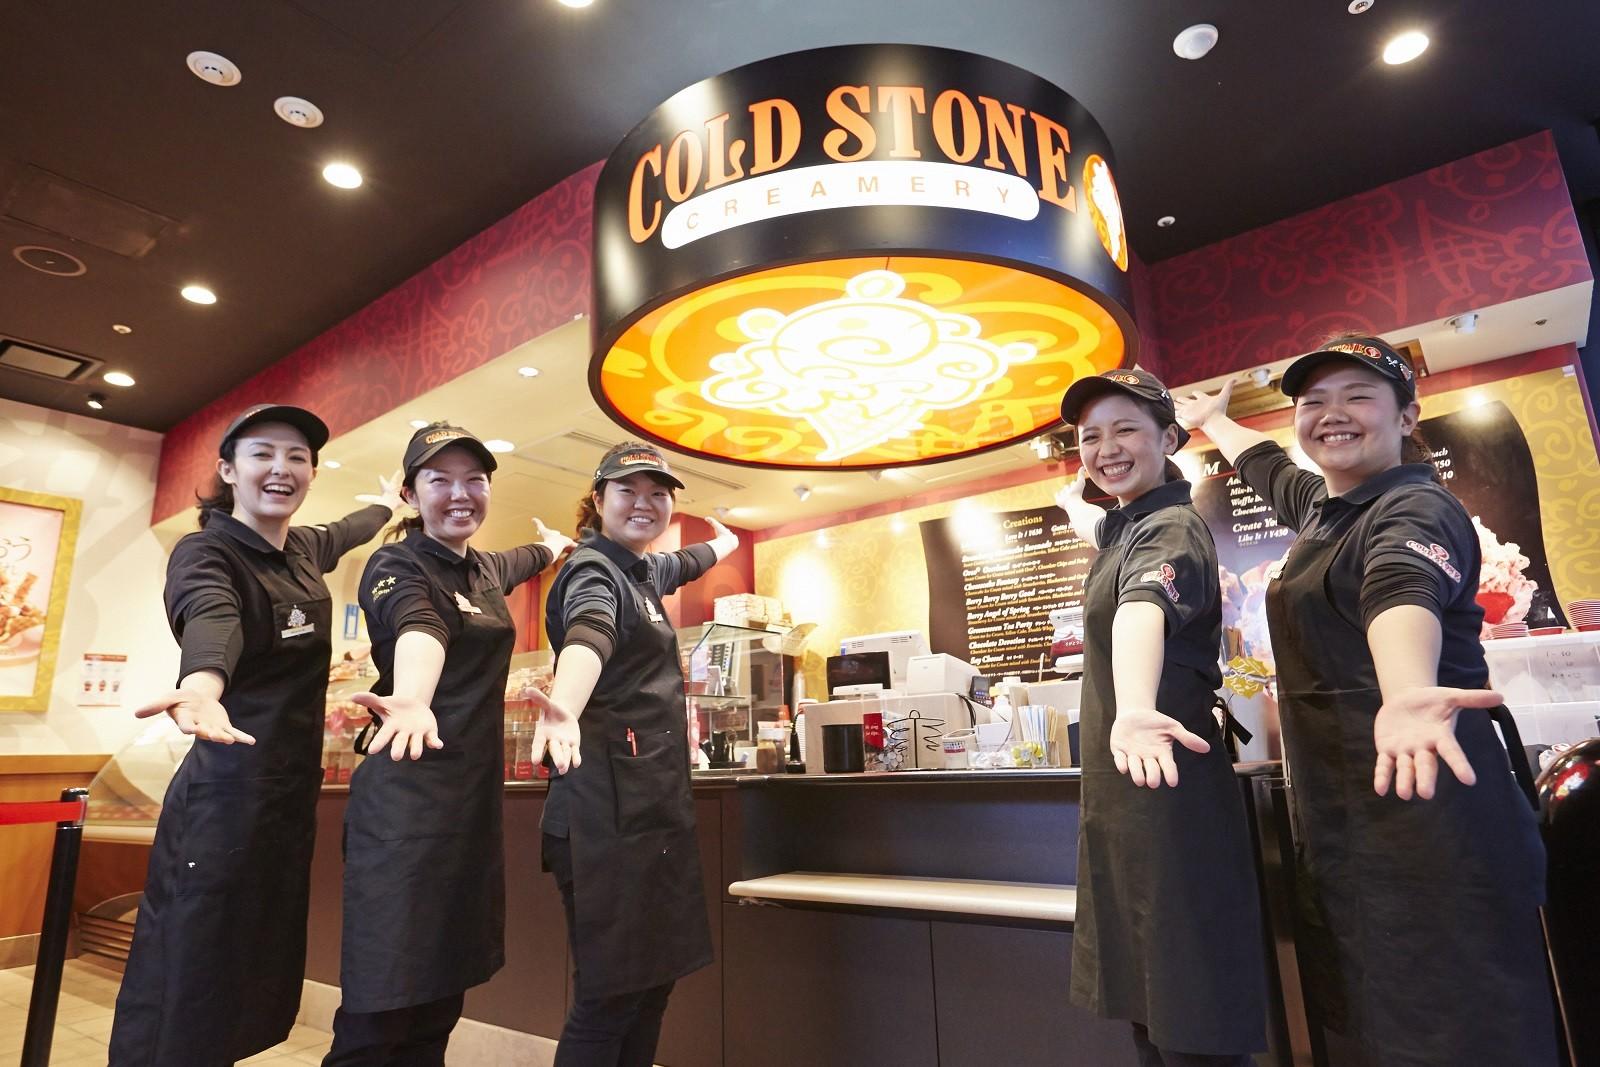 COLD STONE CREAMERY(コールドストーンクリーマリー) 土岐プレミアム・アウトレット店 のアルバイト情報